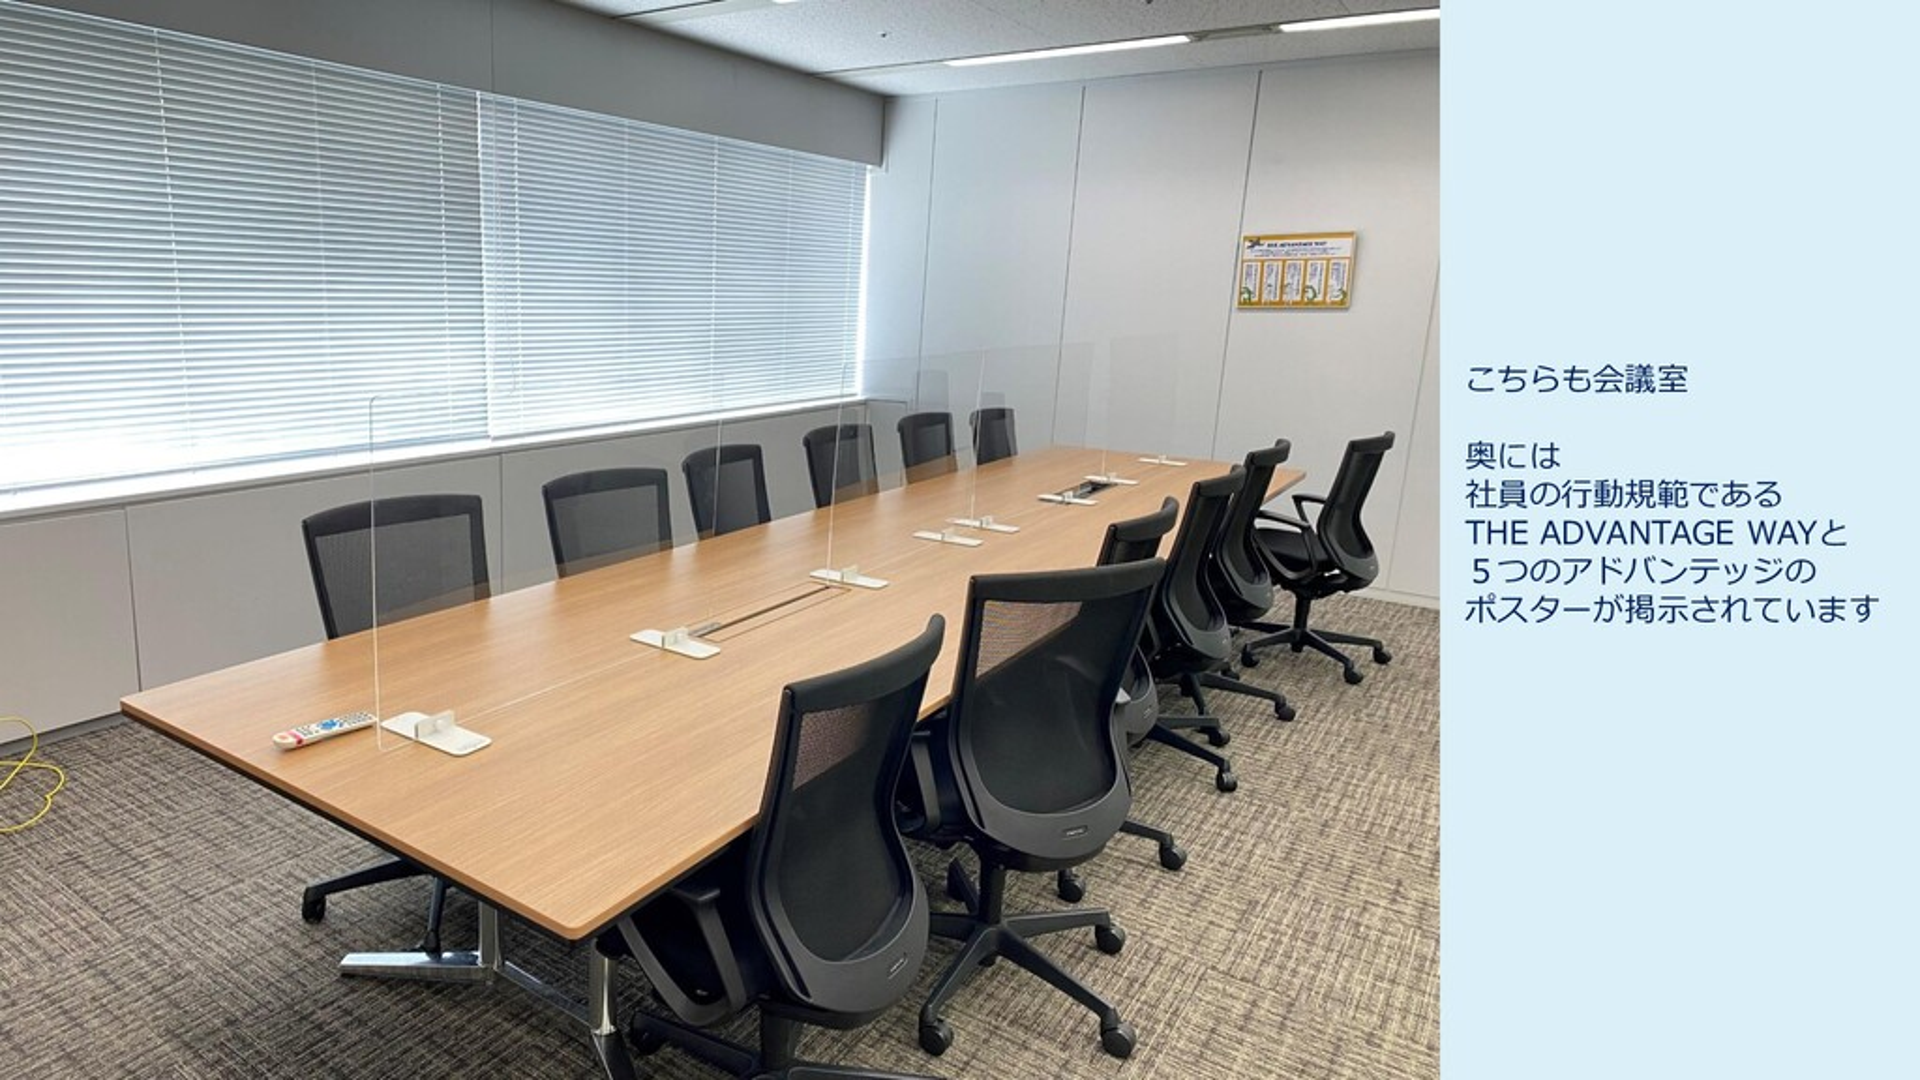 こちらも会議室 奥には 社員の行動規範である THE ADVANTAGE WAYと 5つのアド...